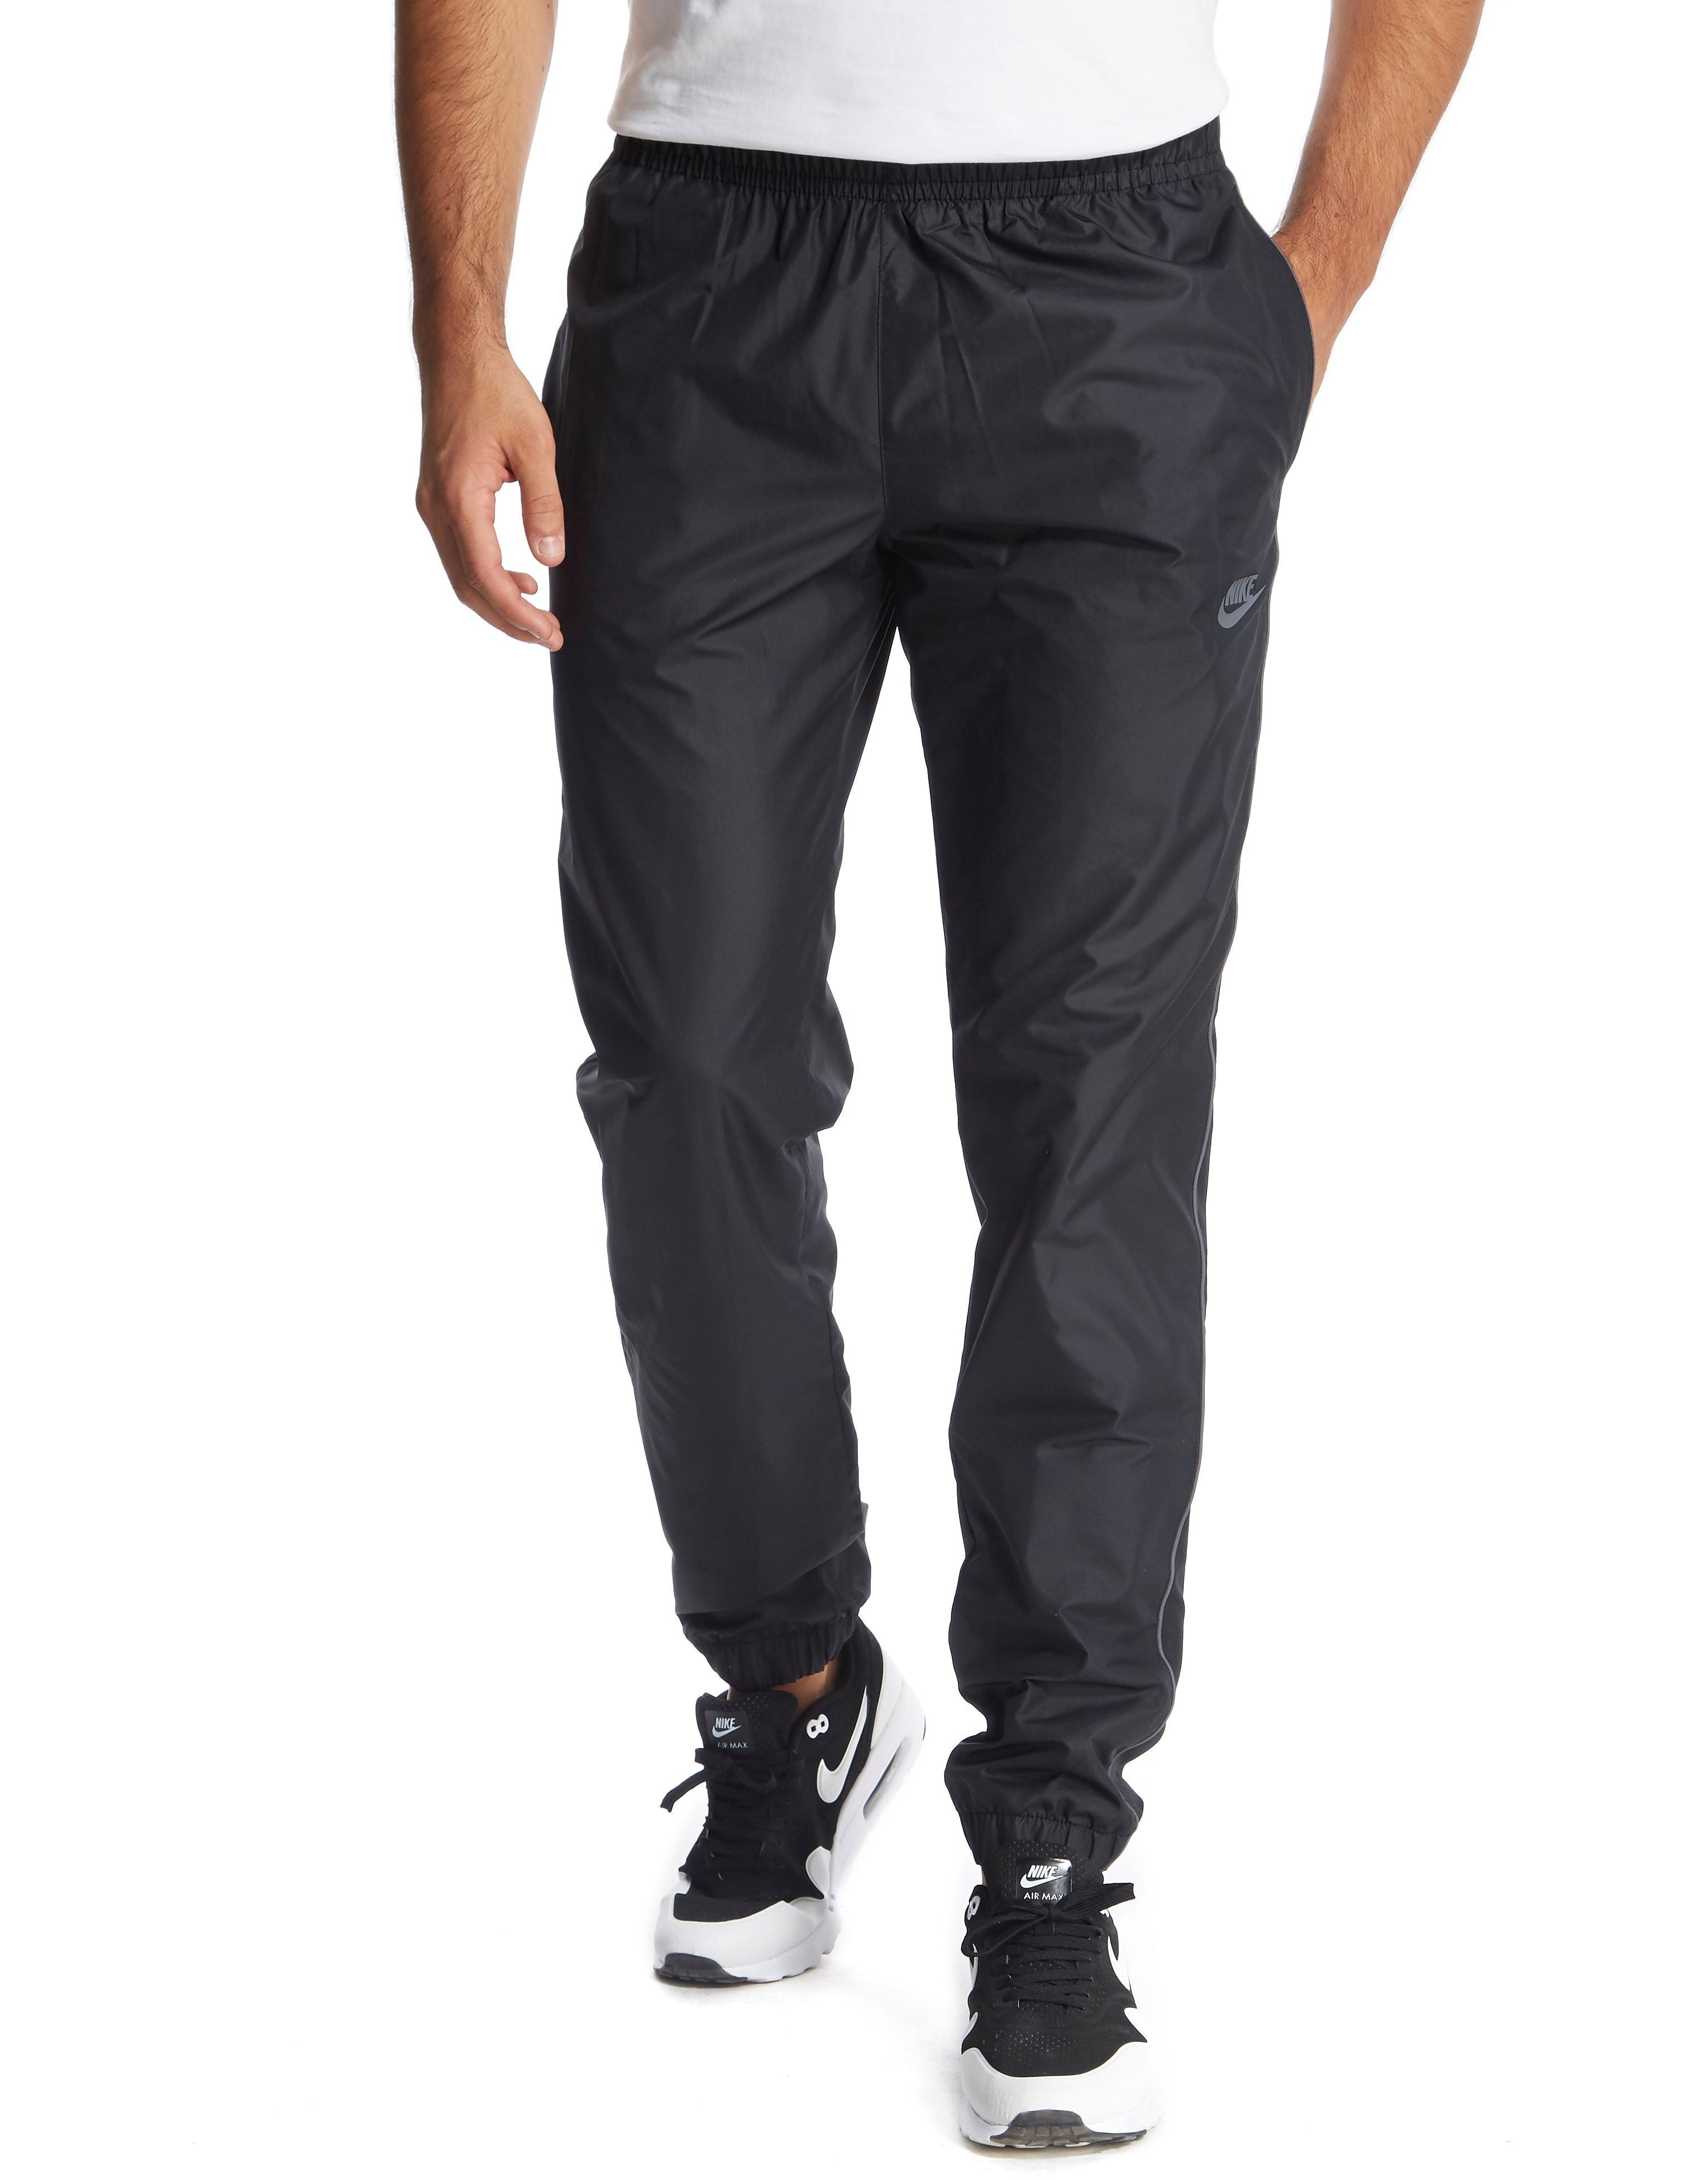 Nike Shutout Pants